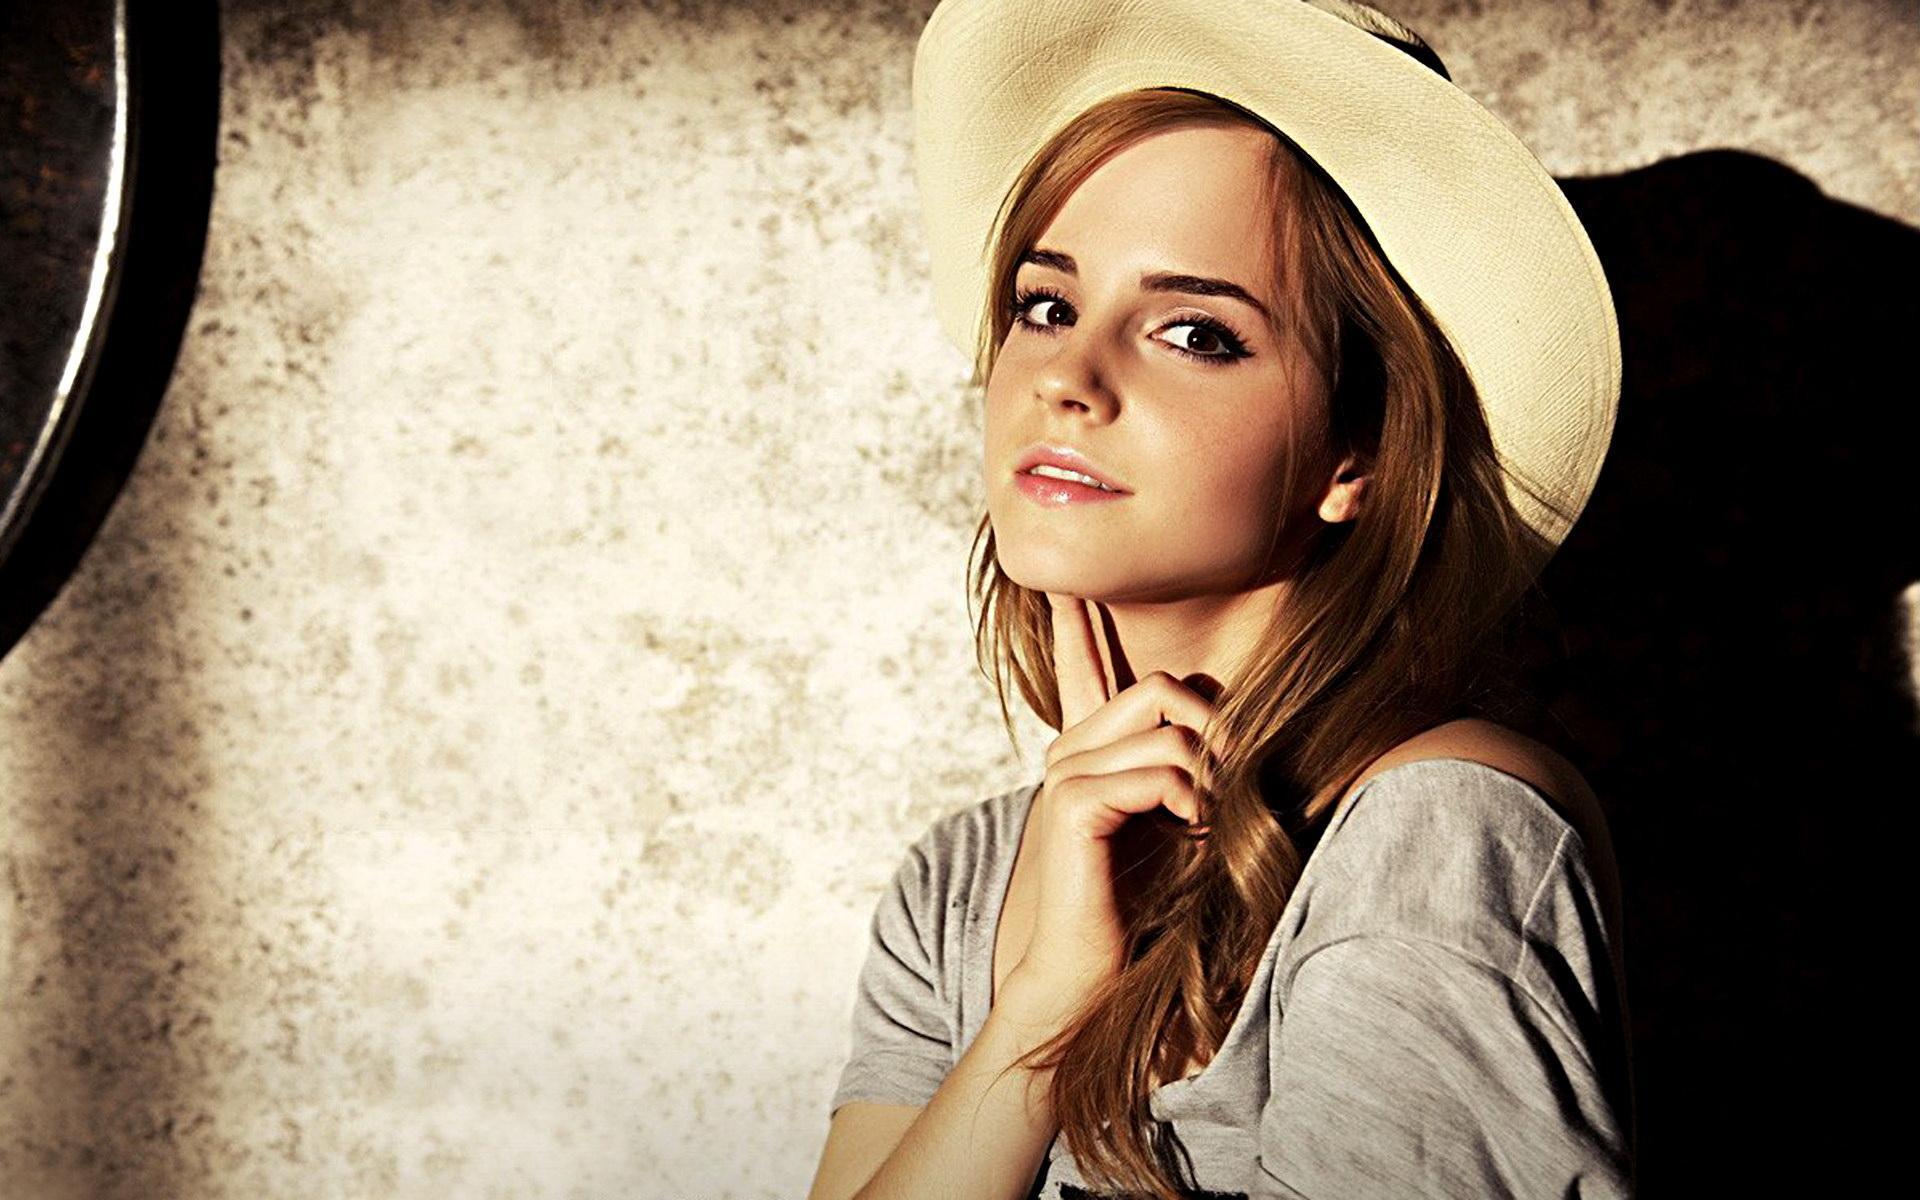 Emma Watson Wallpaper Hd Download-2486